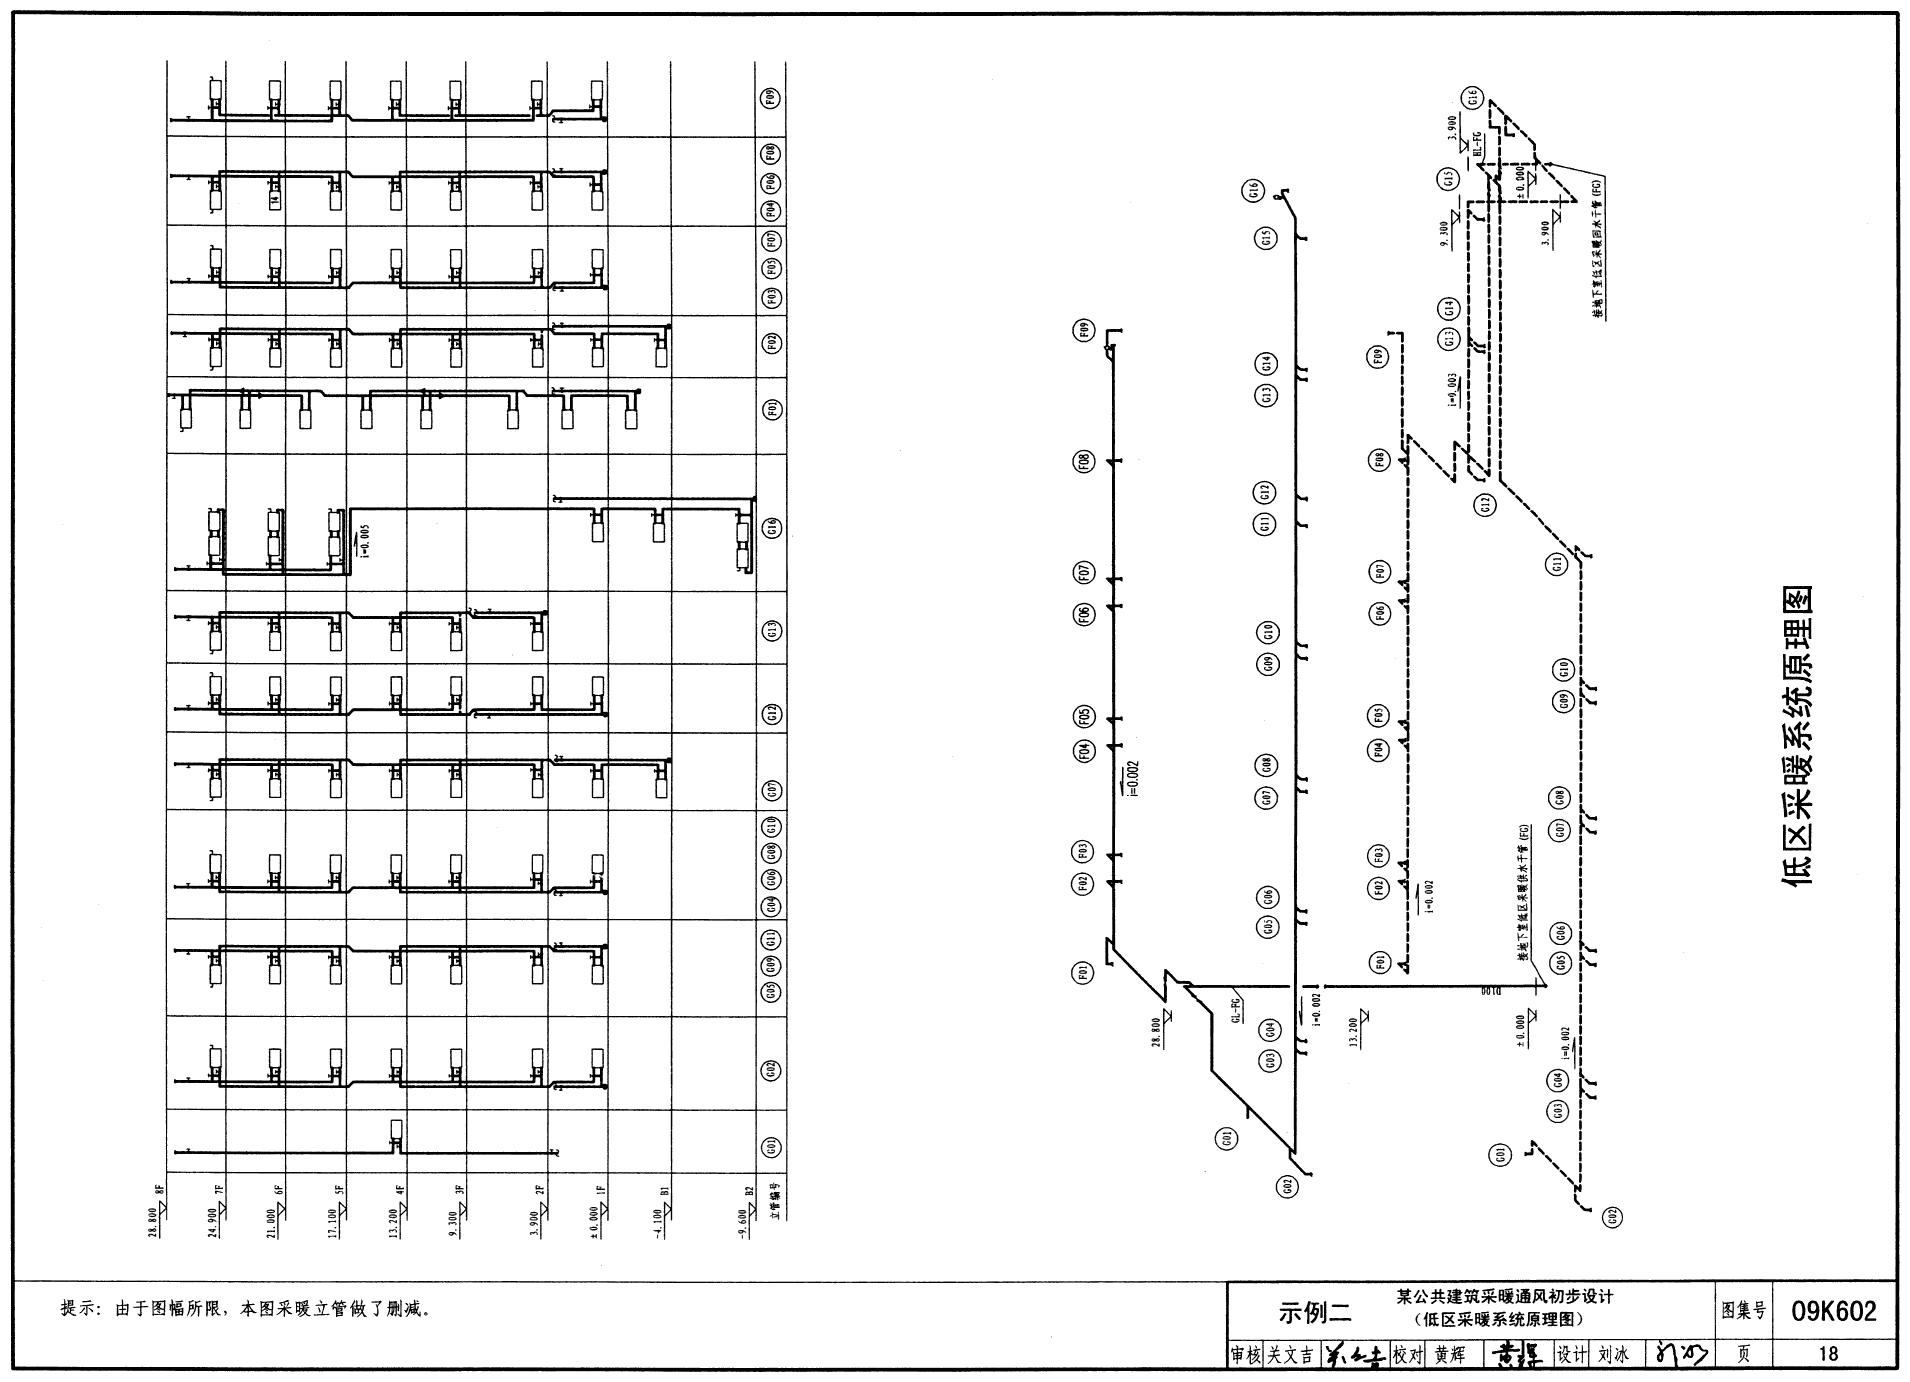 """09K602《民用建筑工程暖通空调及动力初步设计深度图样》主要包括""""采暖通风与空气调节工程初步设计""""和""""热能动力工程初步设计""""两部分。第一部分包括居住建筑采暖通风、公共建筑采暖和集中空调的设计说明和图纸。第二部分包括采暖管道总平面图和锅炉房设计说明和图纸。"""